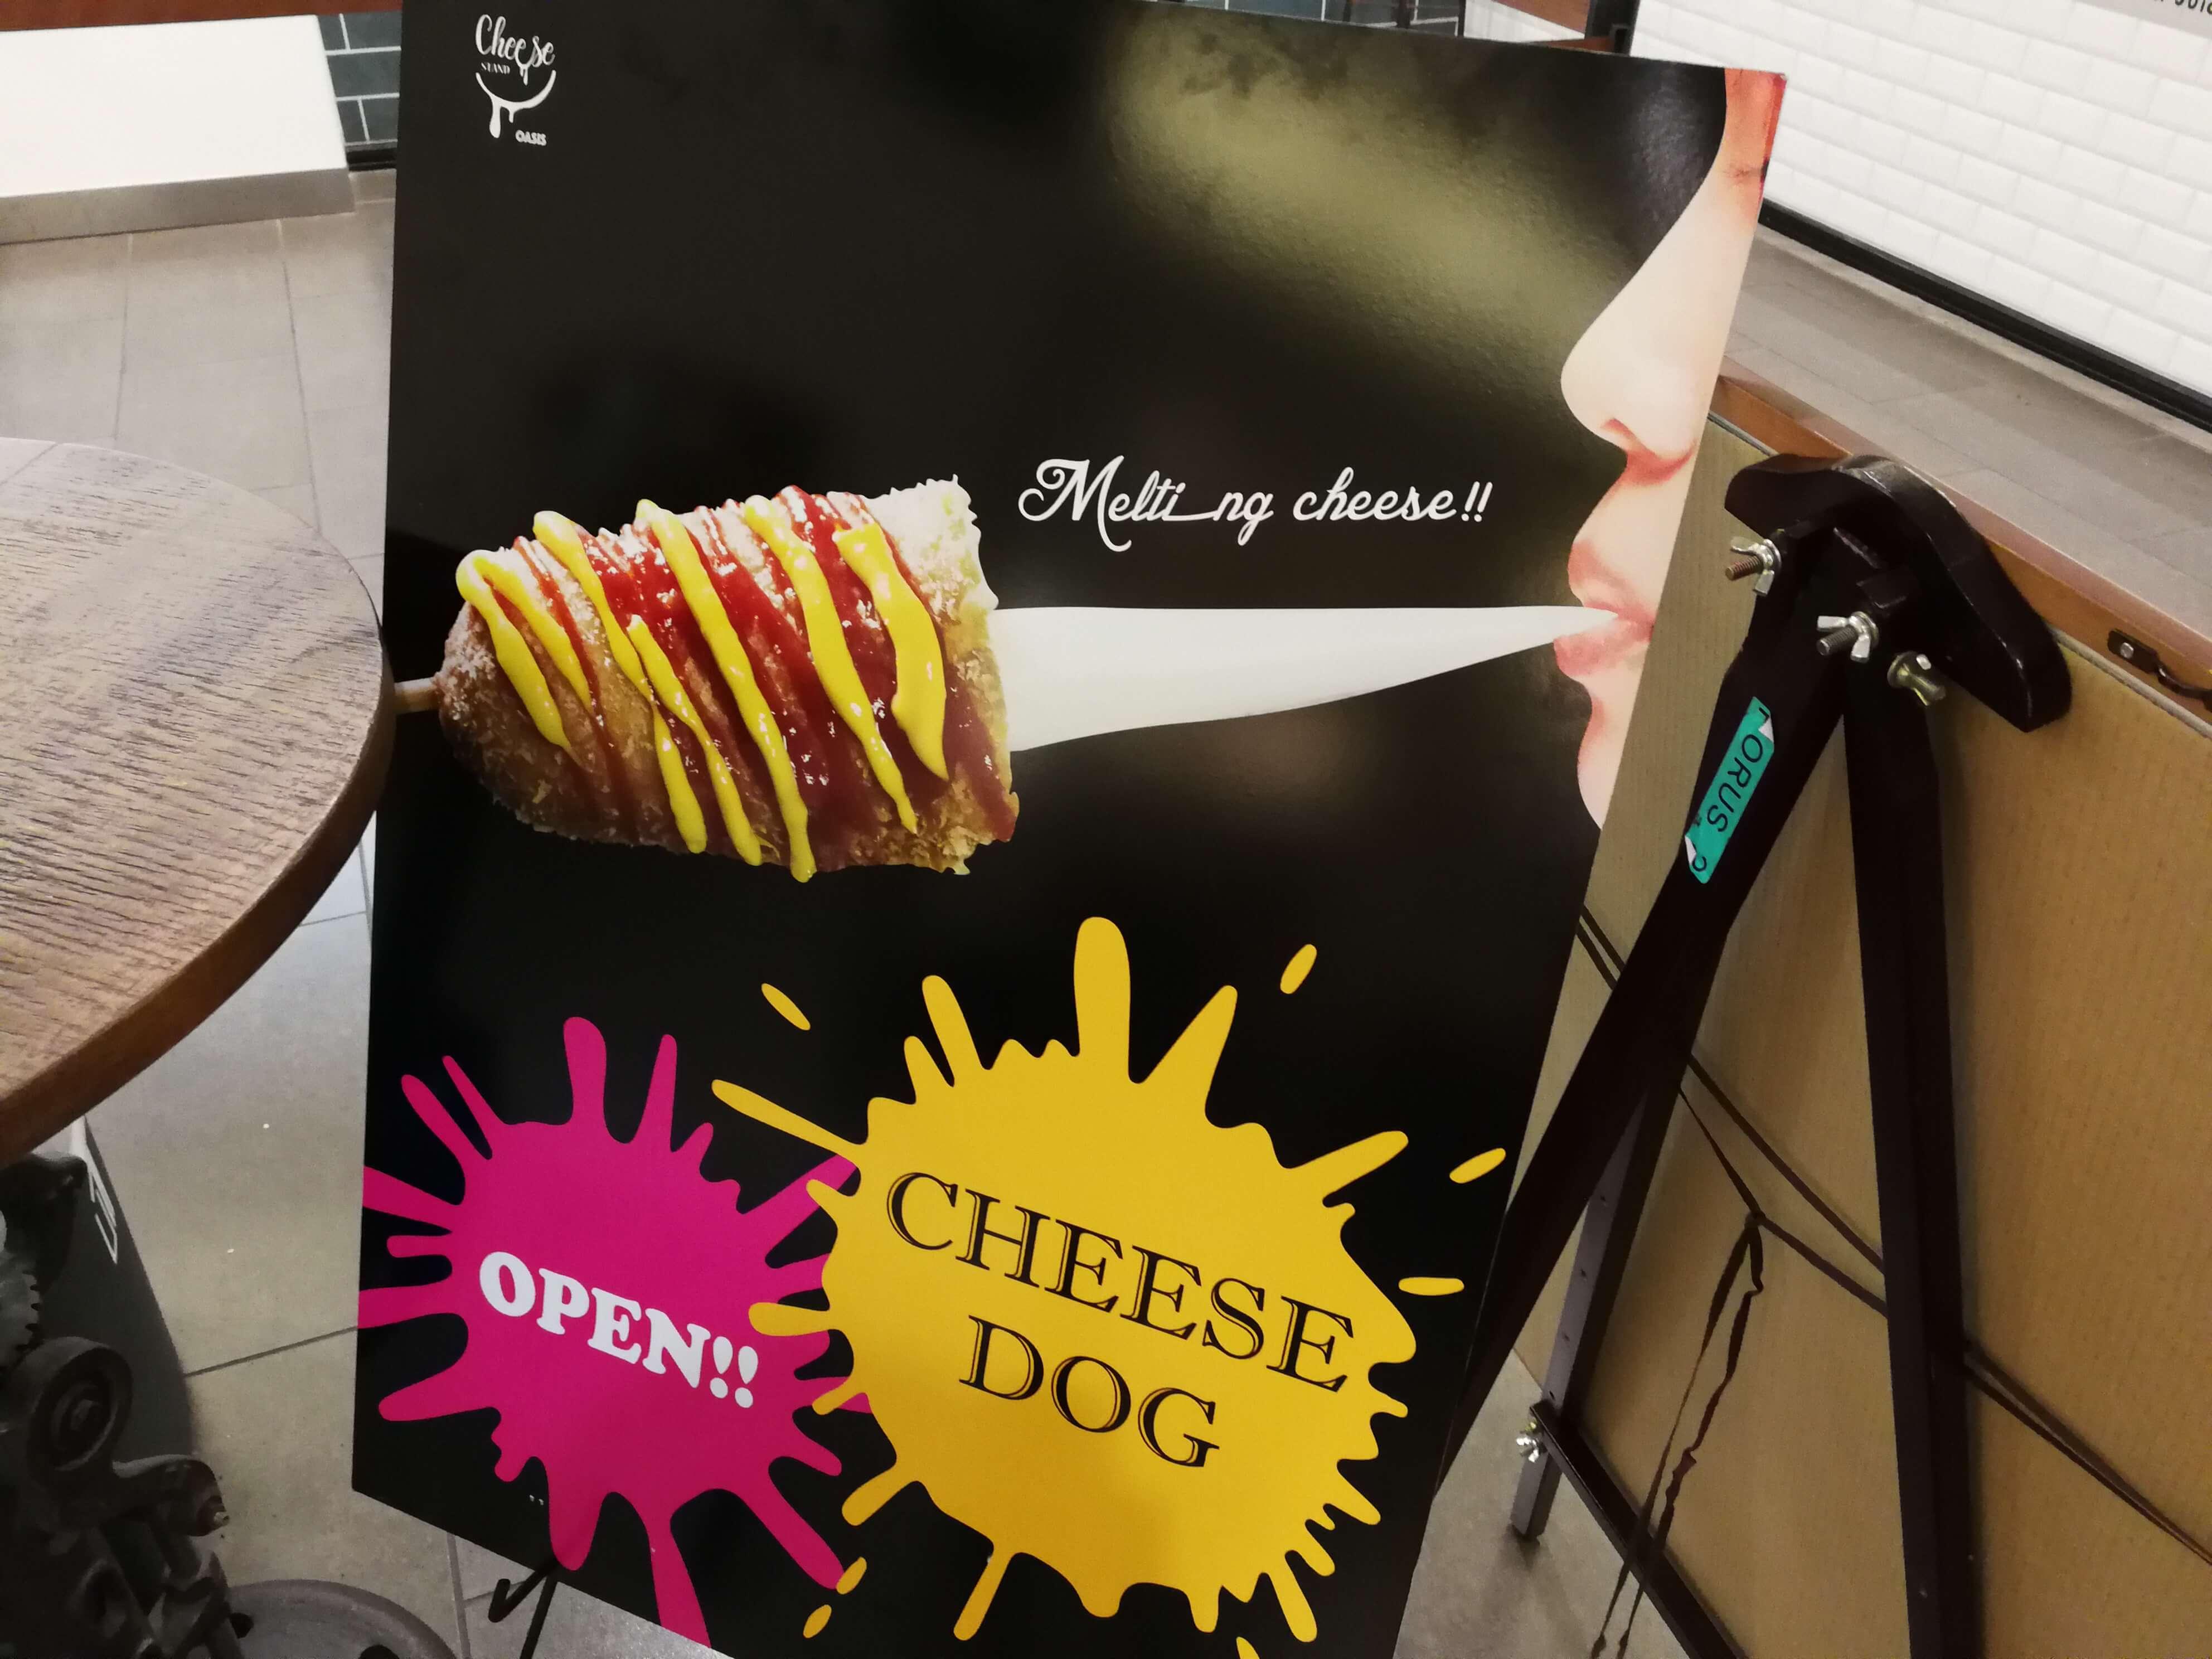 スタンドアンドオアシス|金沢フォーラスにあるチーズが30cm伸びーるホットドックが衝撃